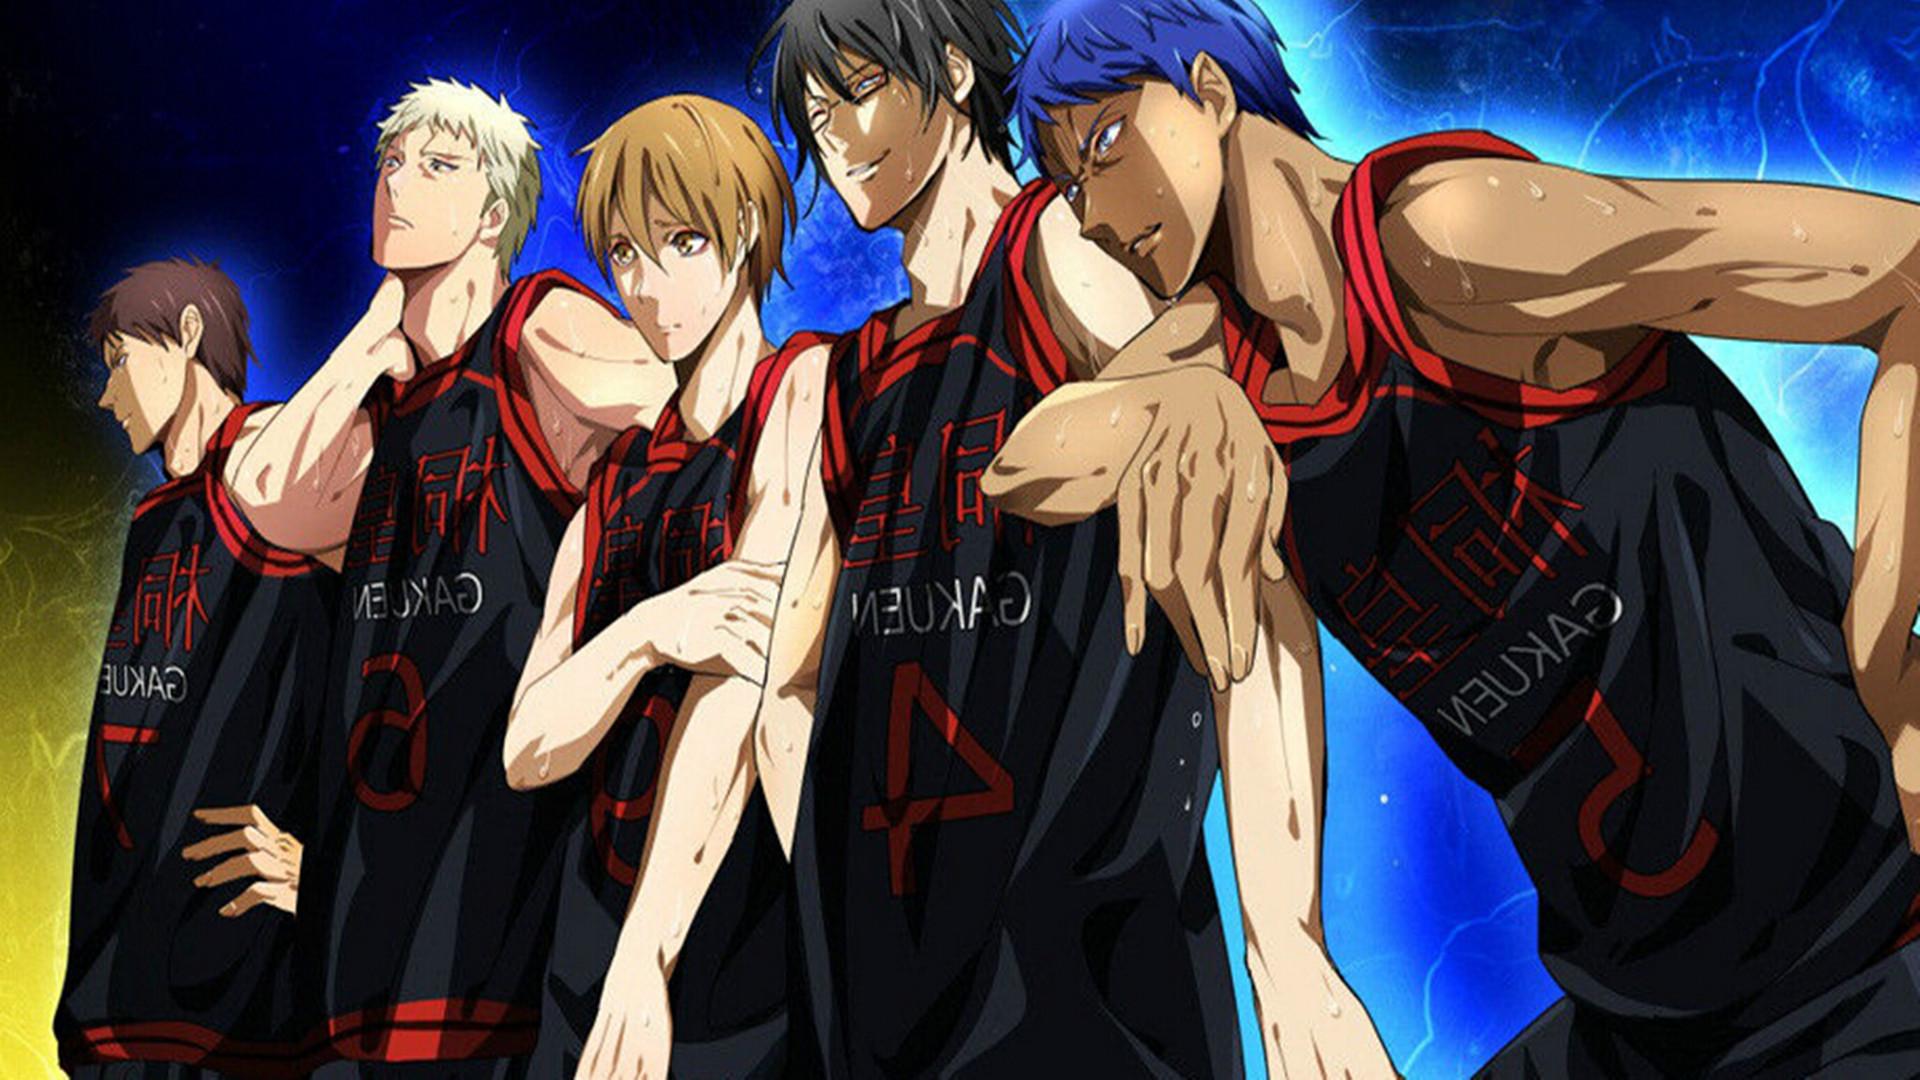 """黑子的篮球桐皇学园PPT背景图片免费下载是由PPT宝藏(www.pptbz.com)会员zengmin上传推荐的卡通PPT背景图片, 更新时间为2016-11-22,素材编号112294。 桐皇学园,出自动漫《黑子的篮球》,是其中的一间学校,位于东京。其篮球队在近几年急速成长,是一支注重个人技术发挥的超攻击型球队,被称为""""新锐的暴君""""。 桐皇高校也属于新兴篮球强权,本身球队体系就是""""进攻型球队"""",特别是在""""奇迹的世代""""王牌青峰的加入后更蜕变成为一支""""超"""